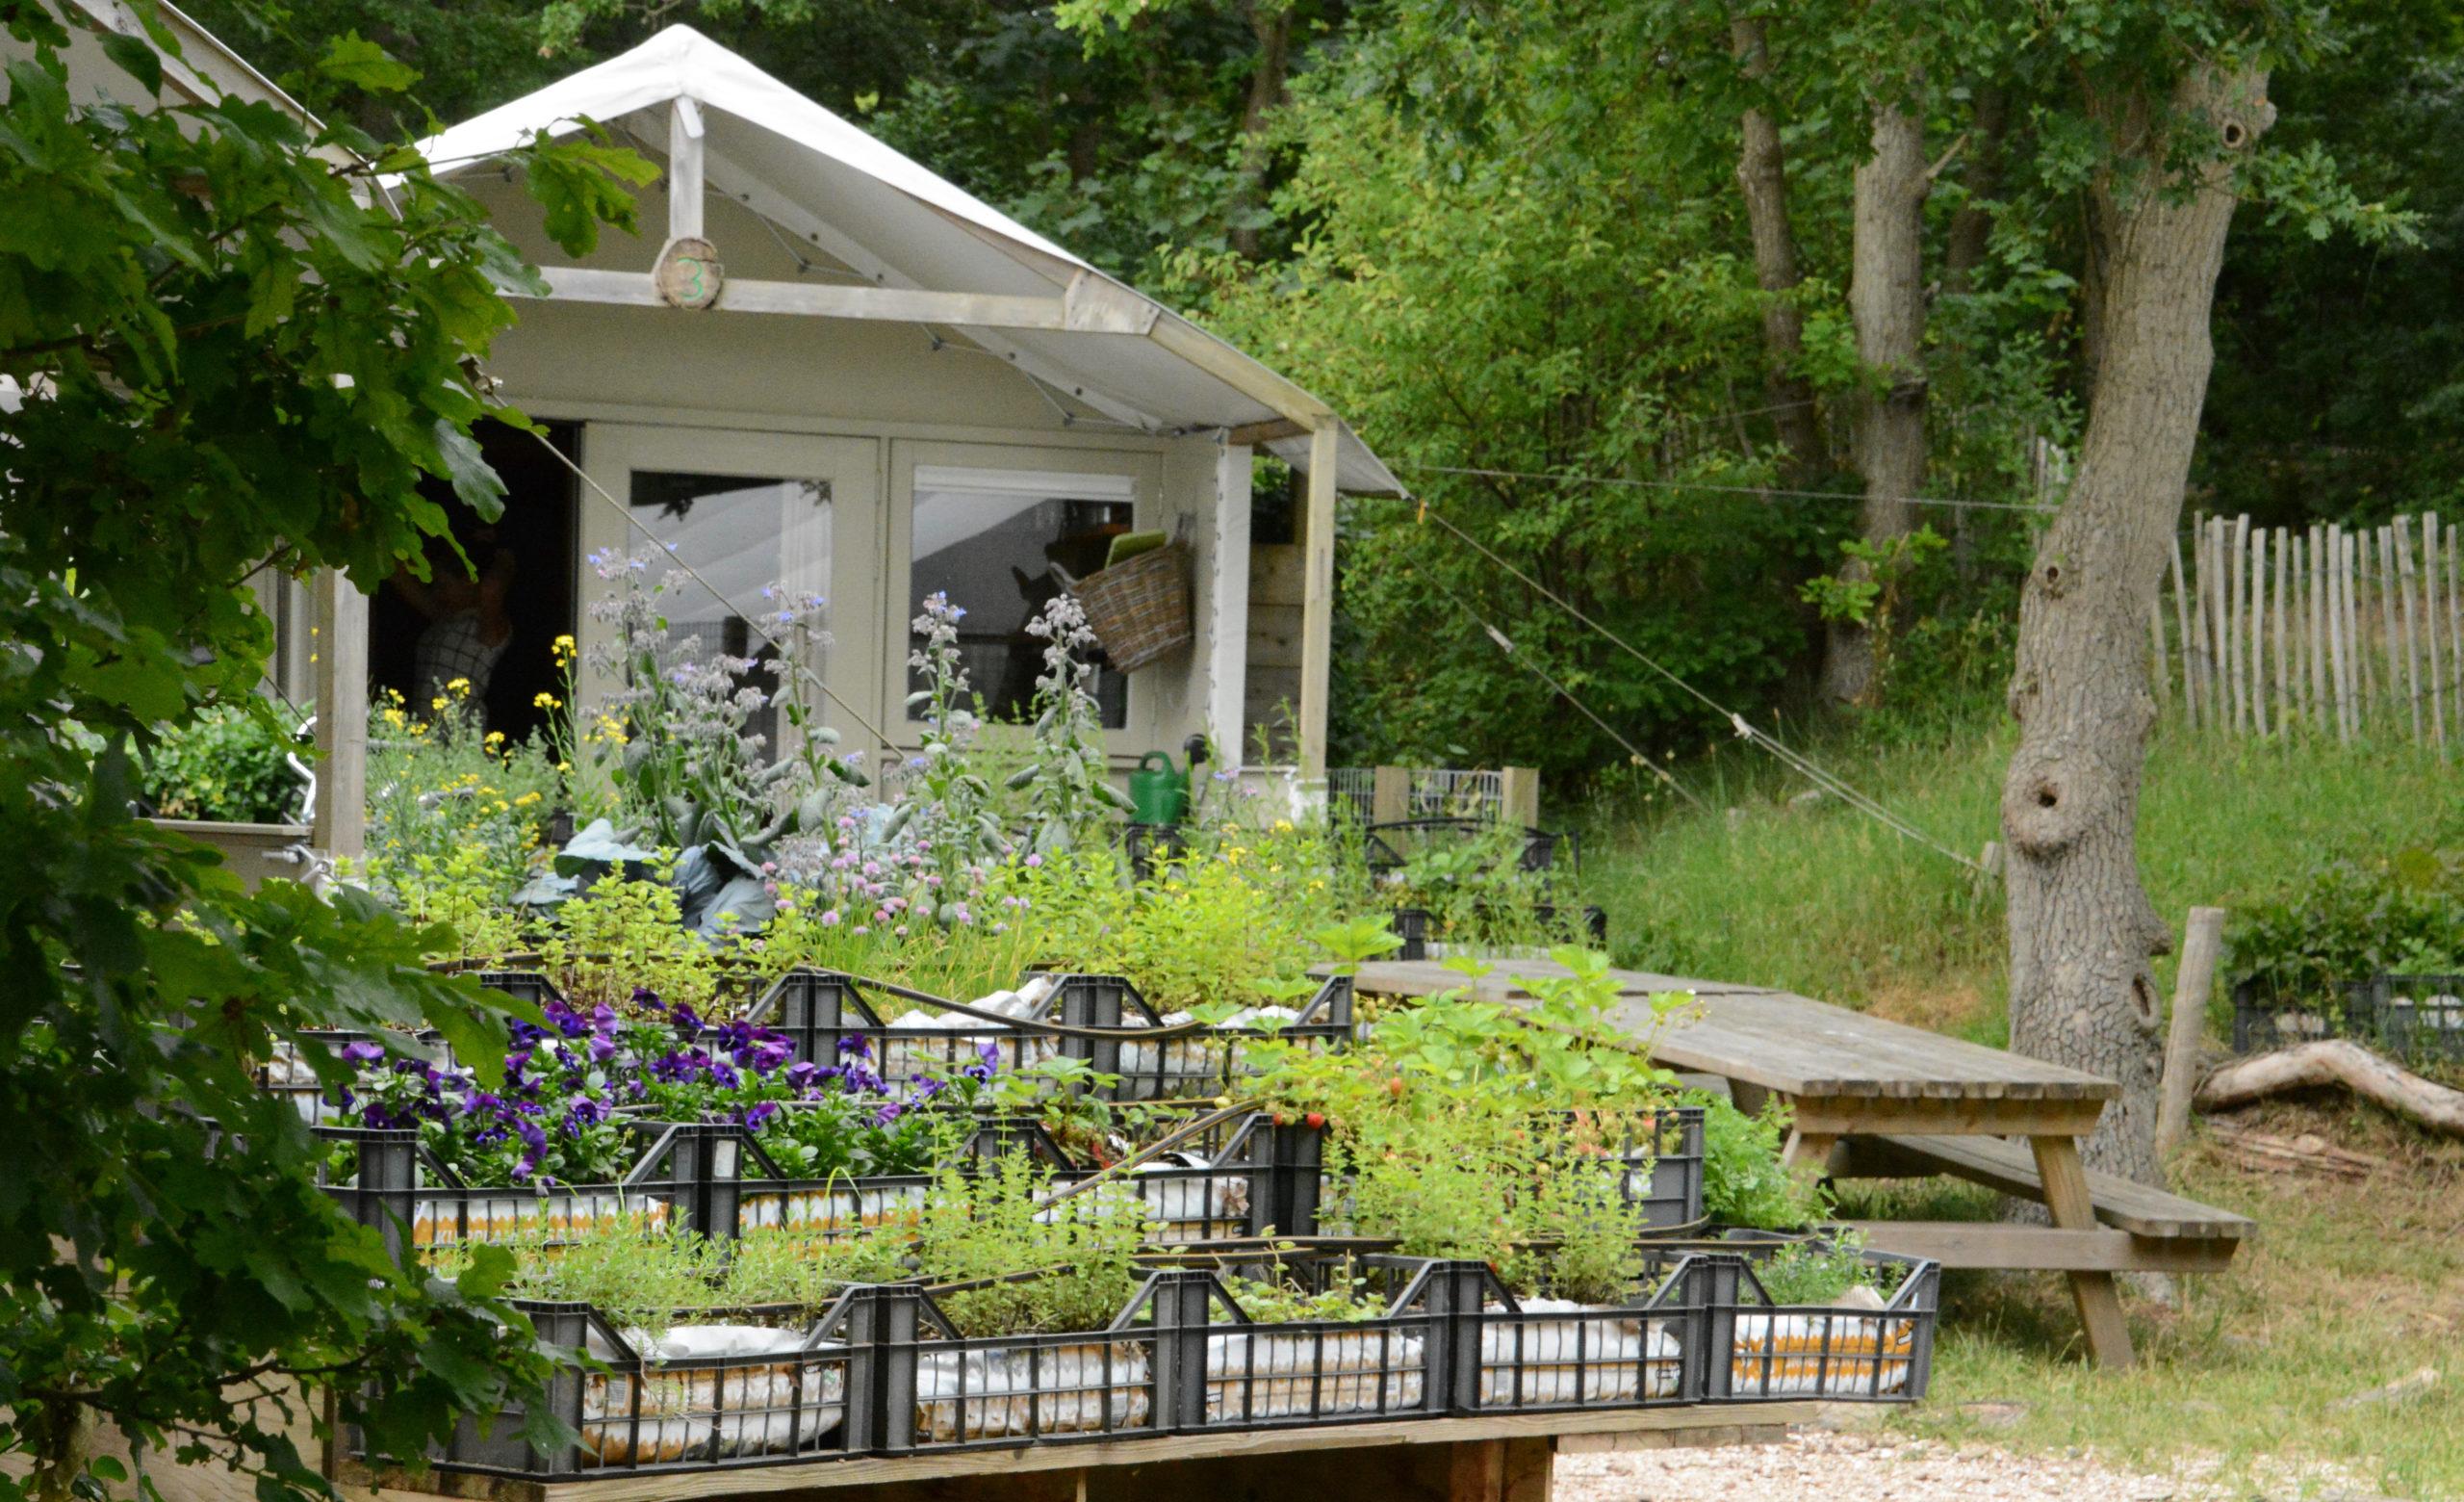 Gartenhaus mit Blumen auf dem Campingplatz Gerversduin bei Bergen